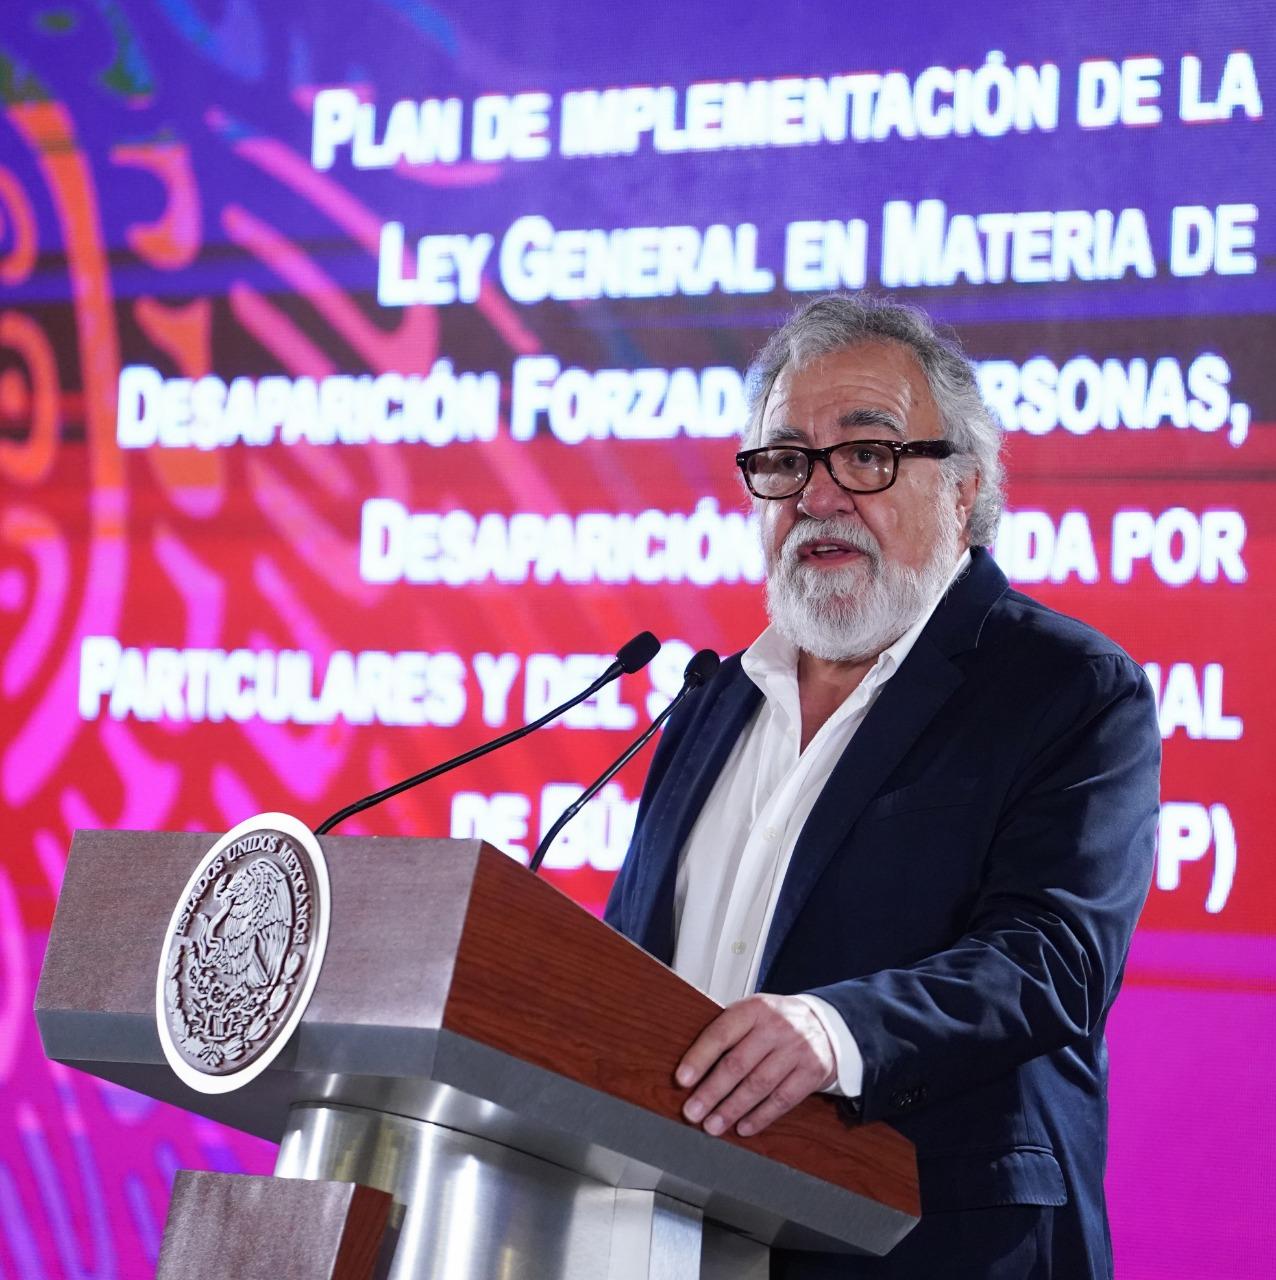 Alejandro Encinas, subsecretario de Derechos Humanos, en la presentación del plan nacional para la búsqueda de desaparecidos (Foto: Presidencia)